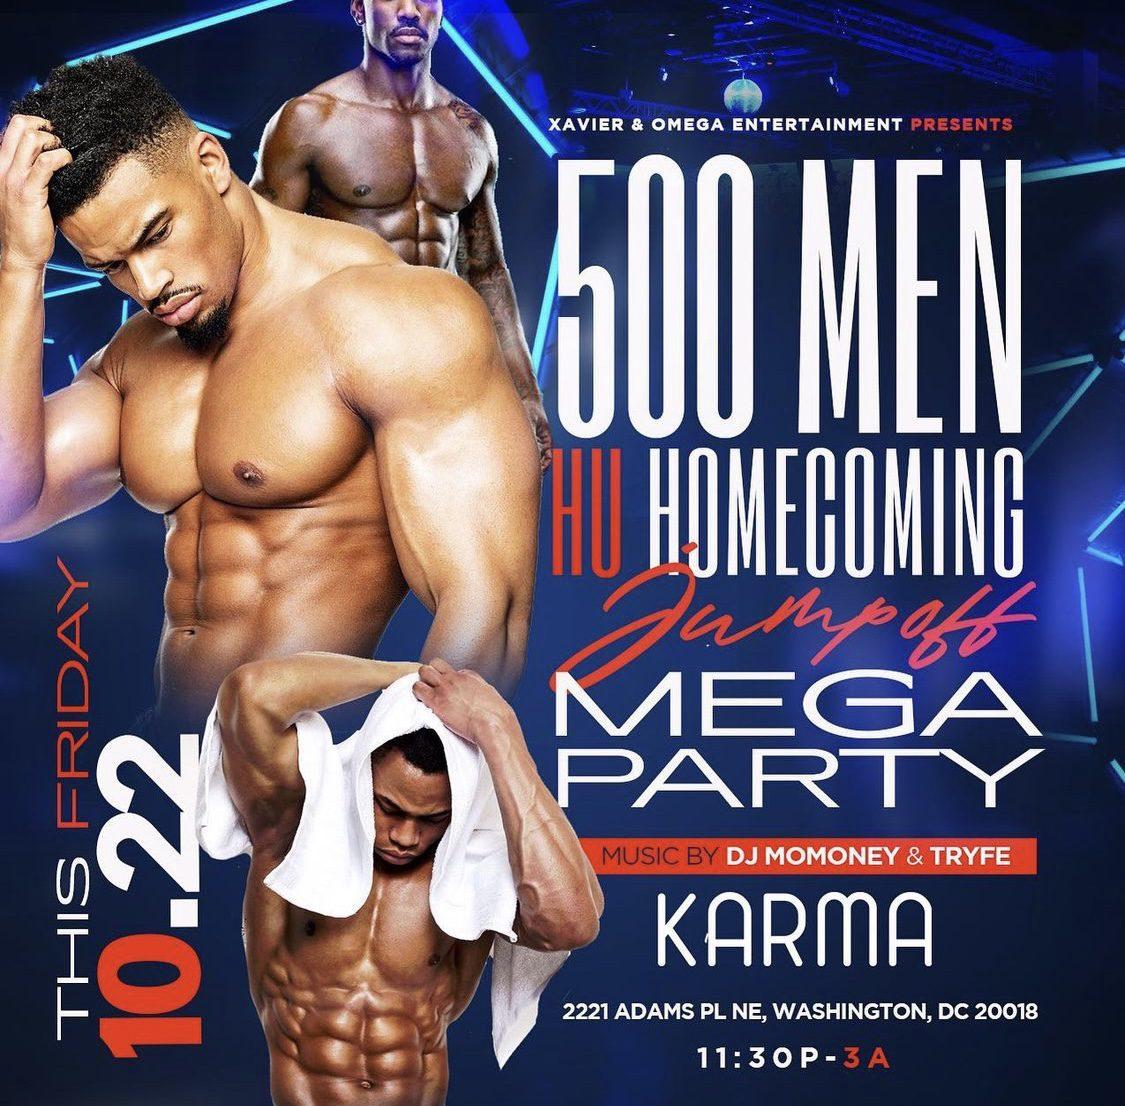 HU Homecoming Jump Off Mega Party